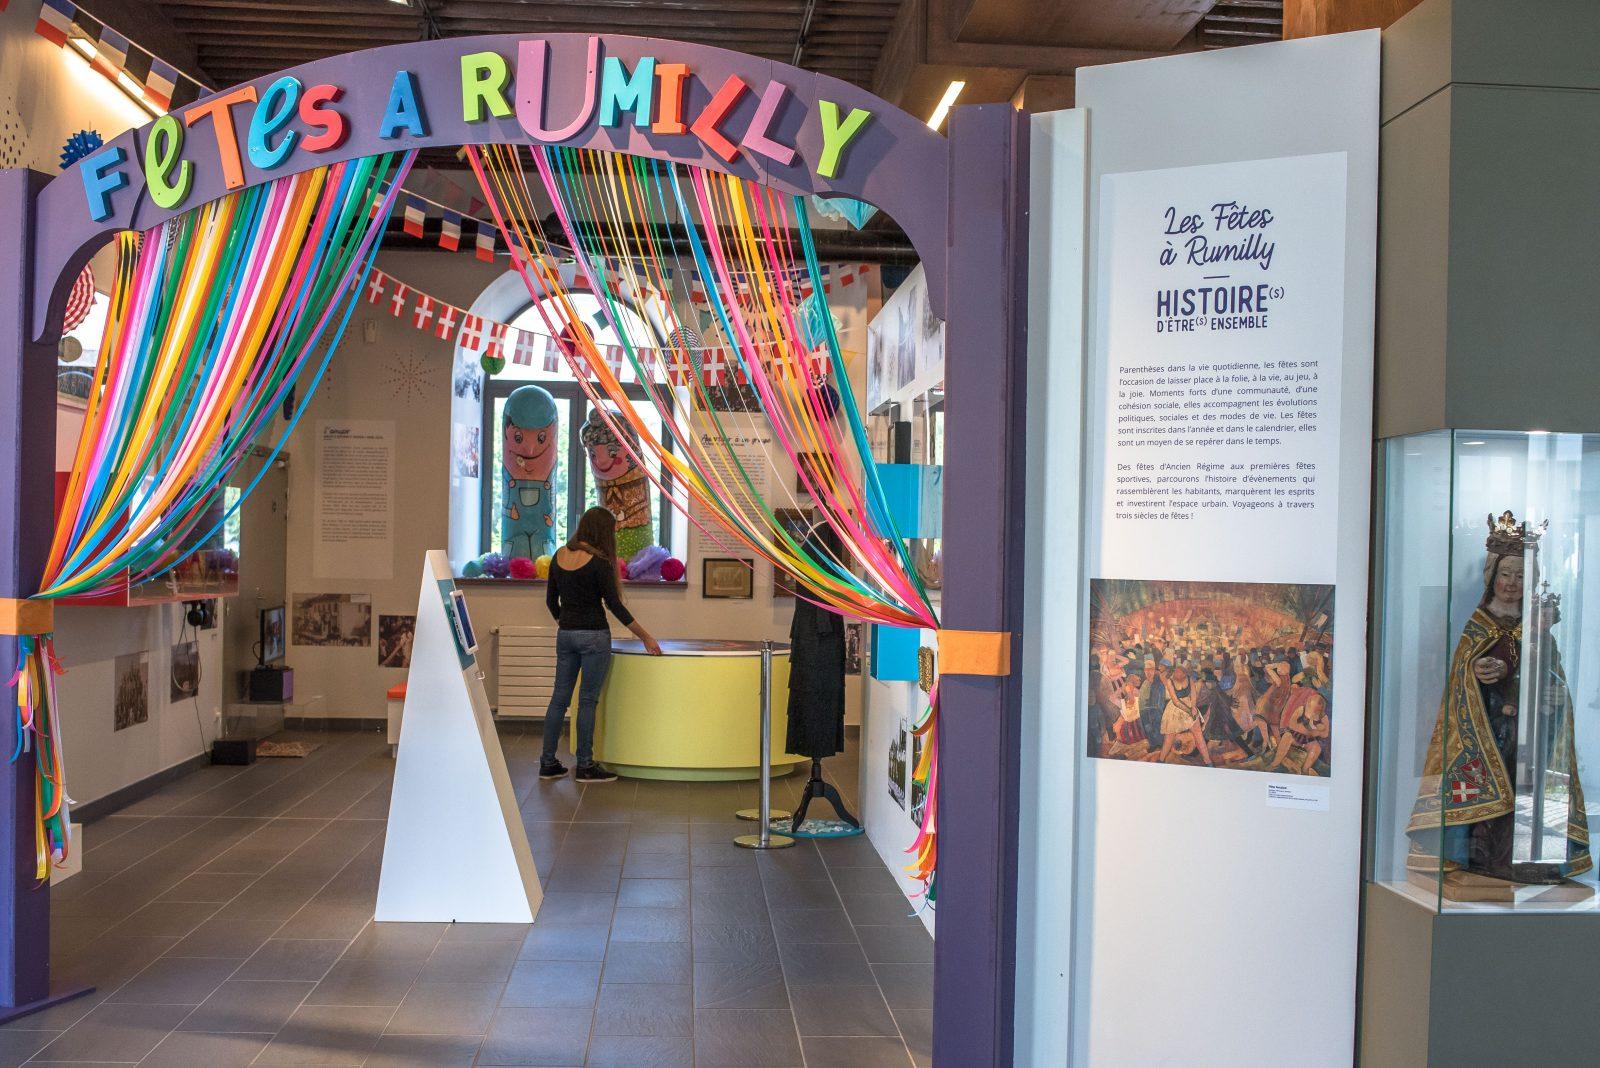 Fêtes à Rumilly : Histoire (s) d'être(s) ensemble